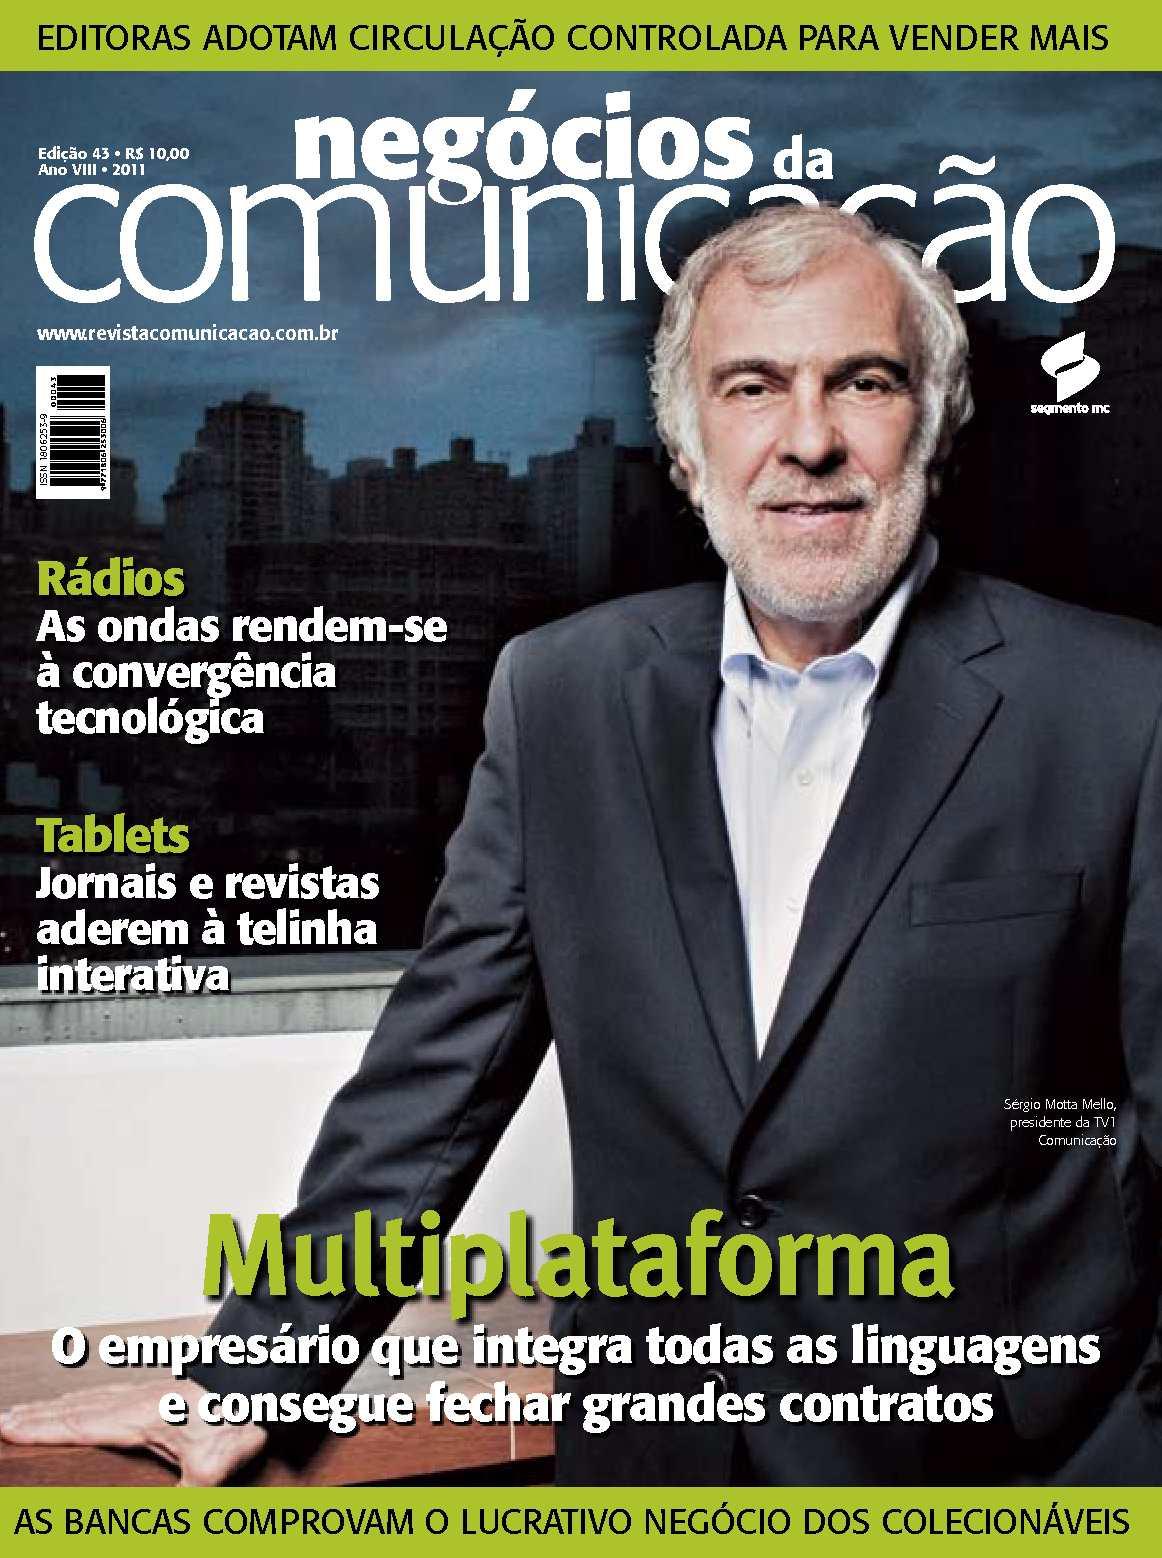 eac12c4fdd Calaméo - Negócios da Comunicação - Edição 43